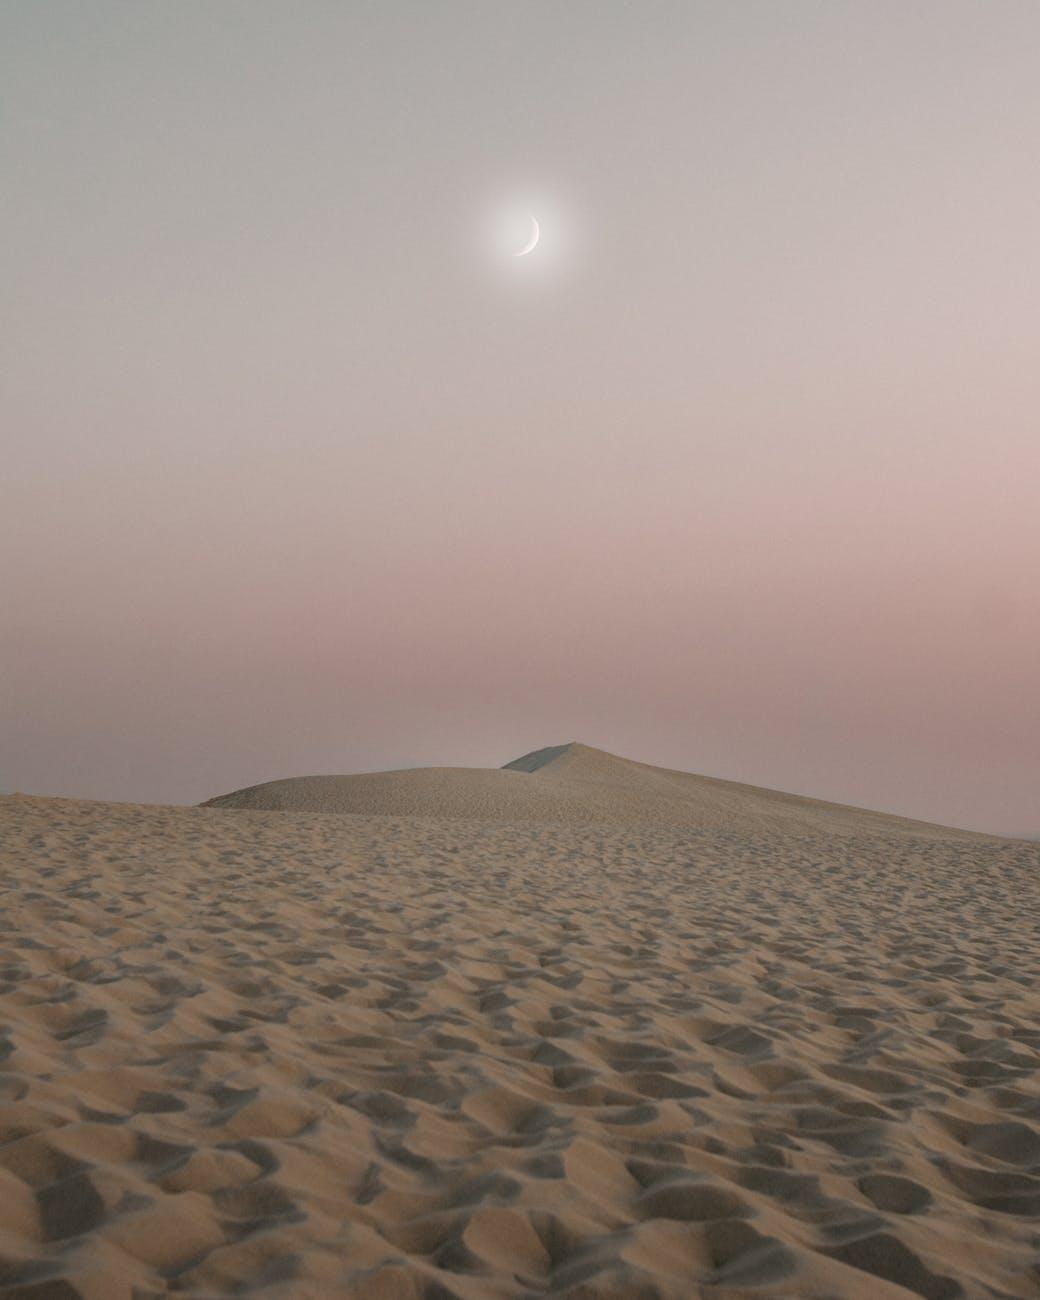 quarter moon and desert